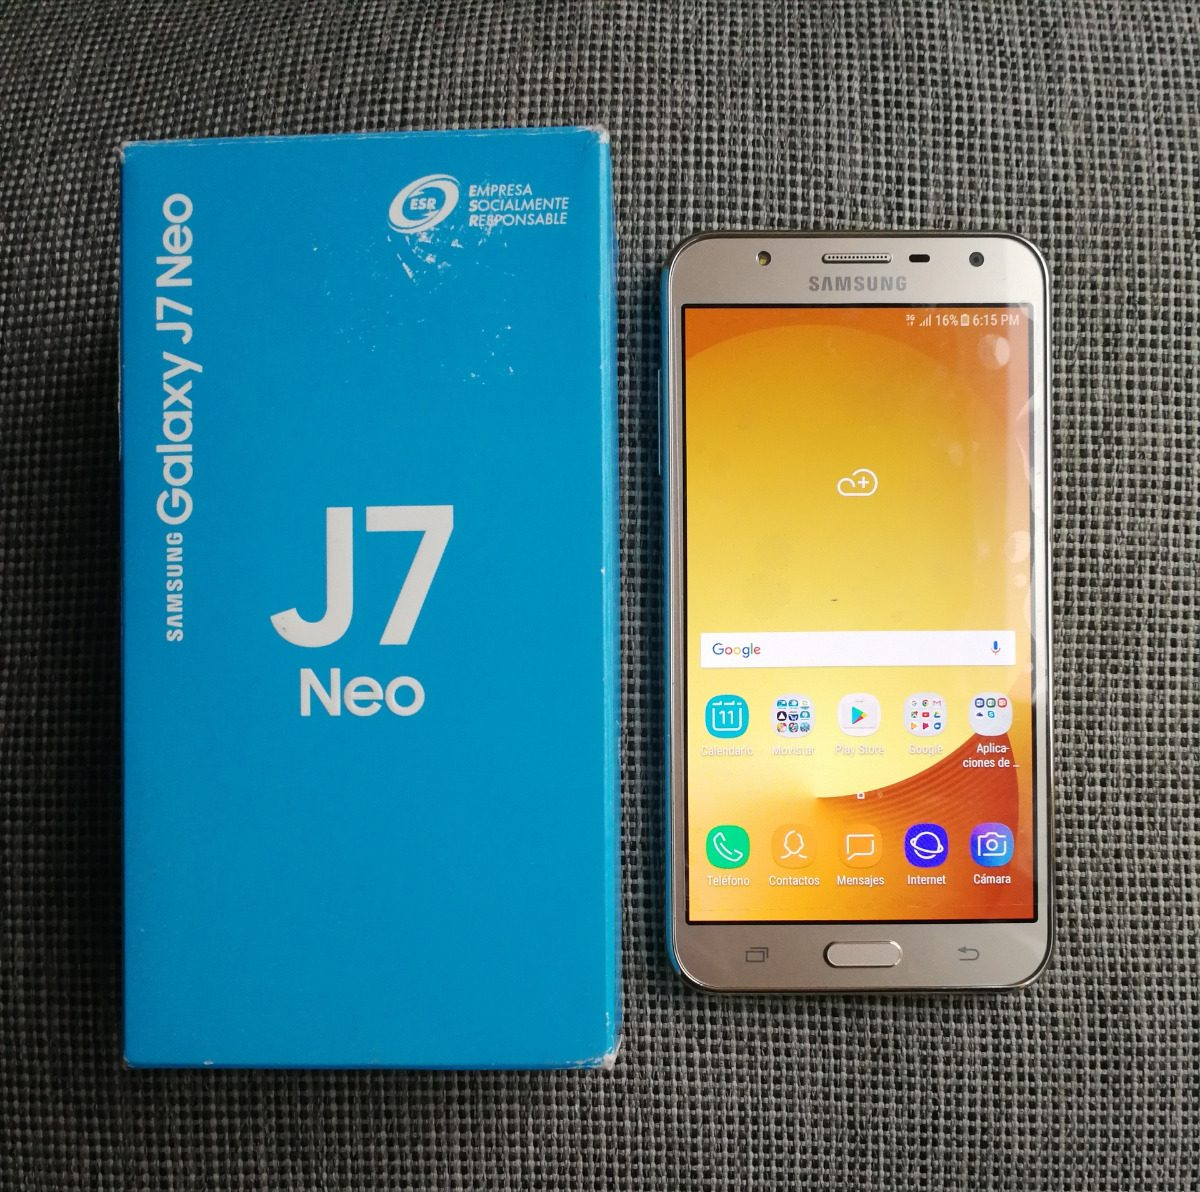 4eac31d0ca9 Samsung Galaxy J7 Neo, En Caja, Liberado, Estetica De 9 - $ 3,099.00 ...